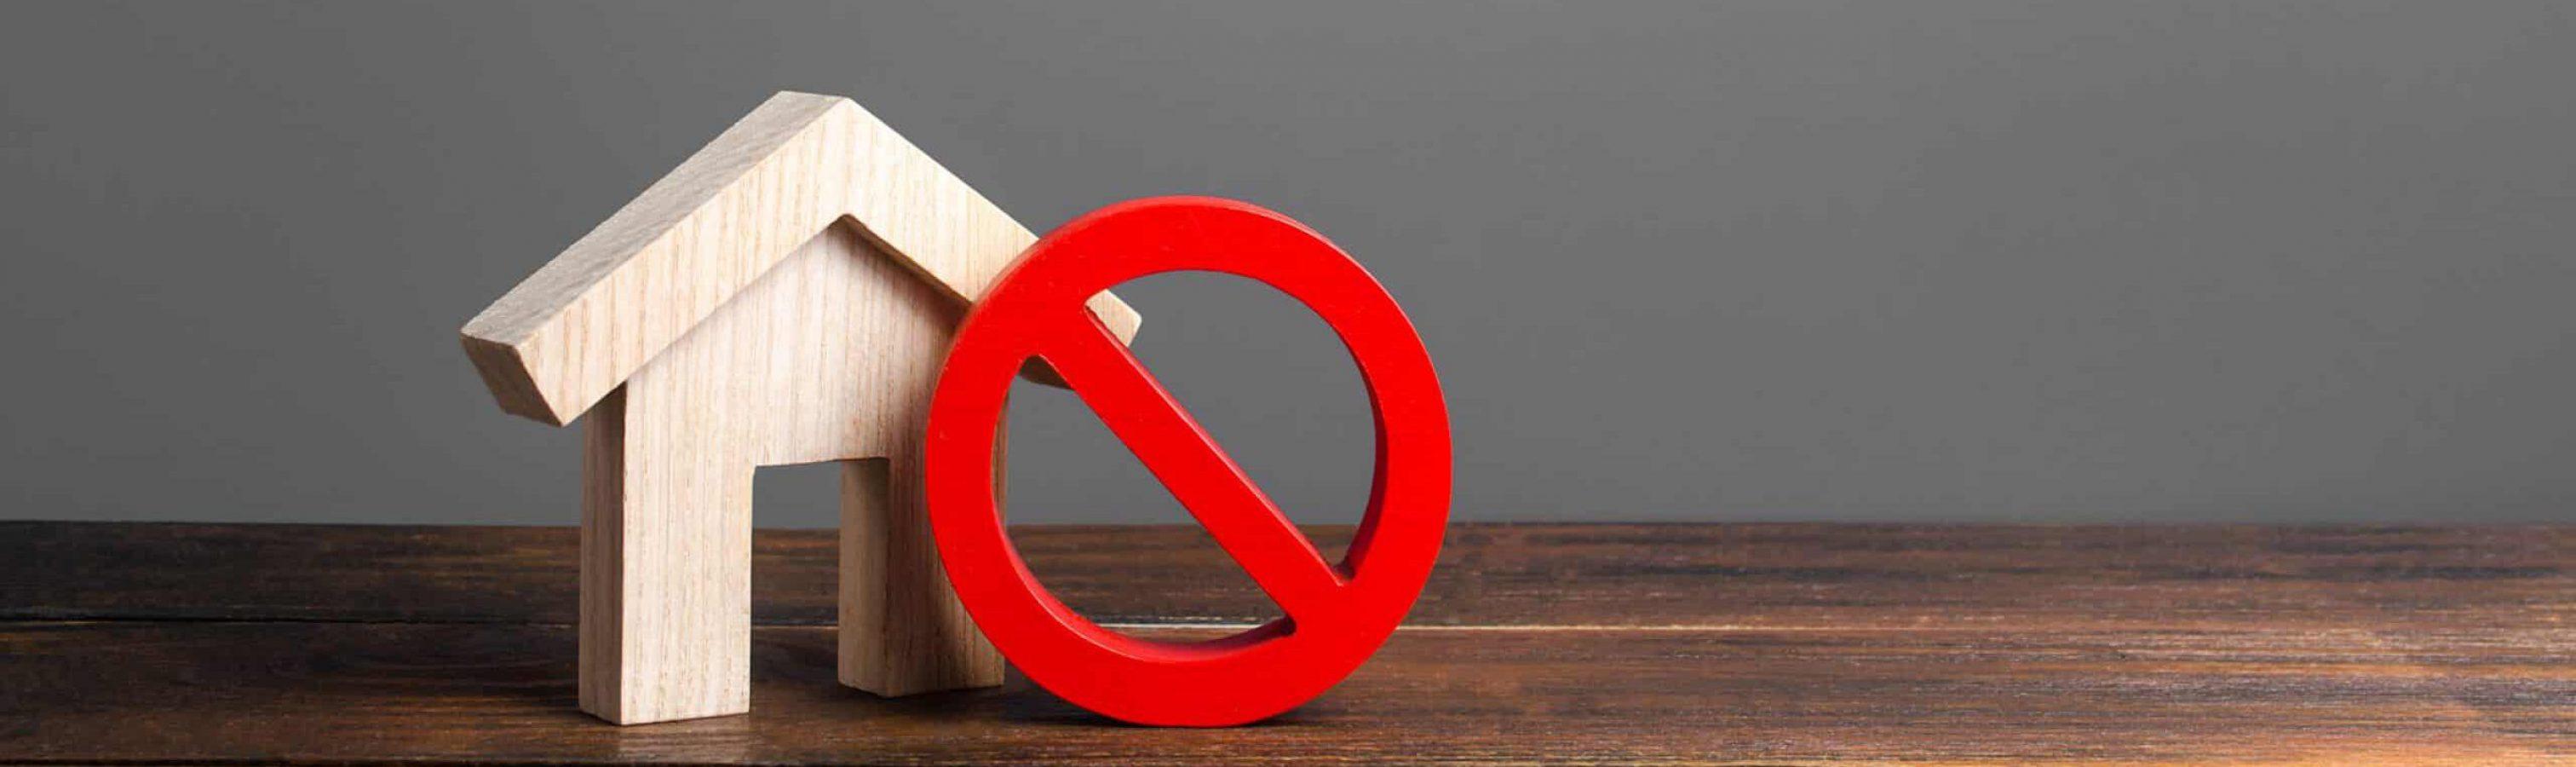 GTG-Rechtsanwaelte-News-Umwandlungsverbot